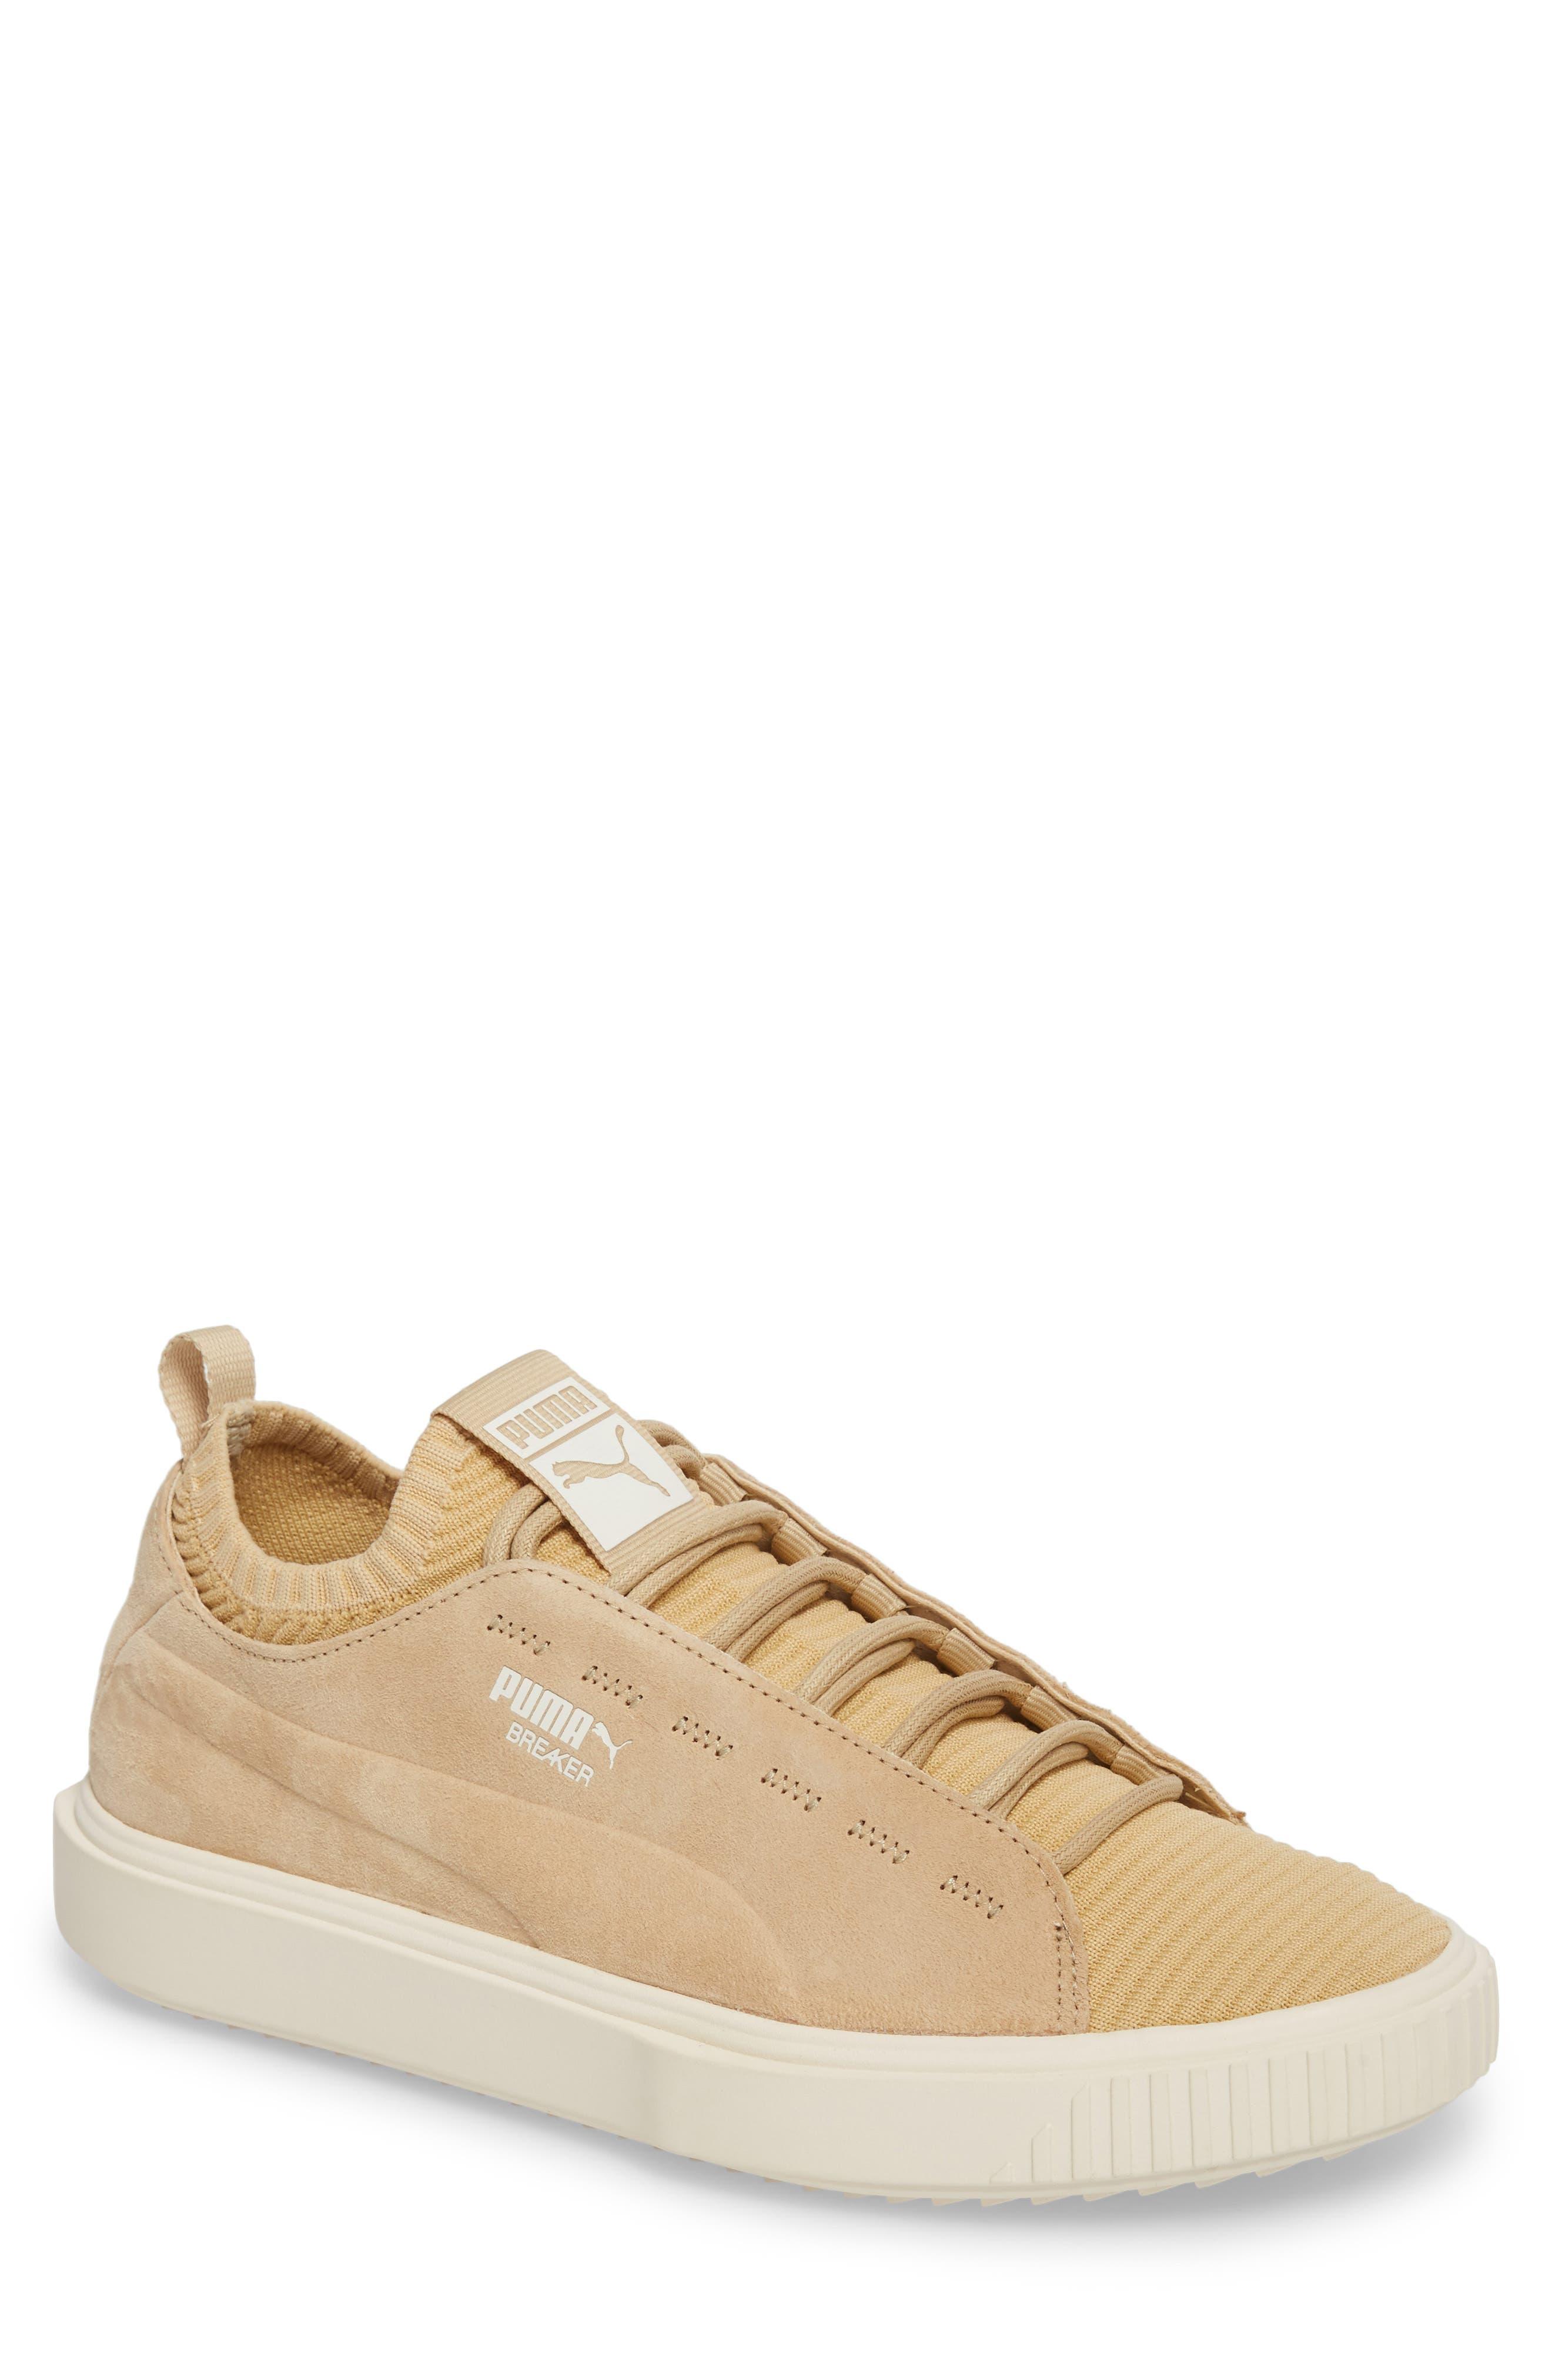 PUMA Breaker Knit Sunfaded Sneaker (Men)